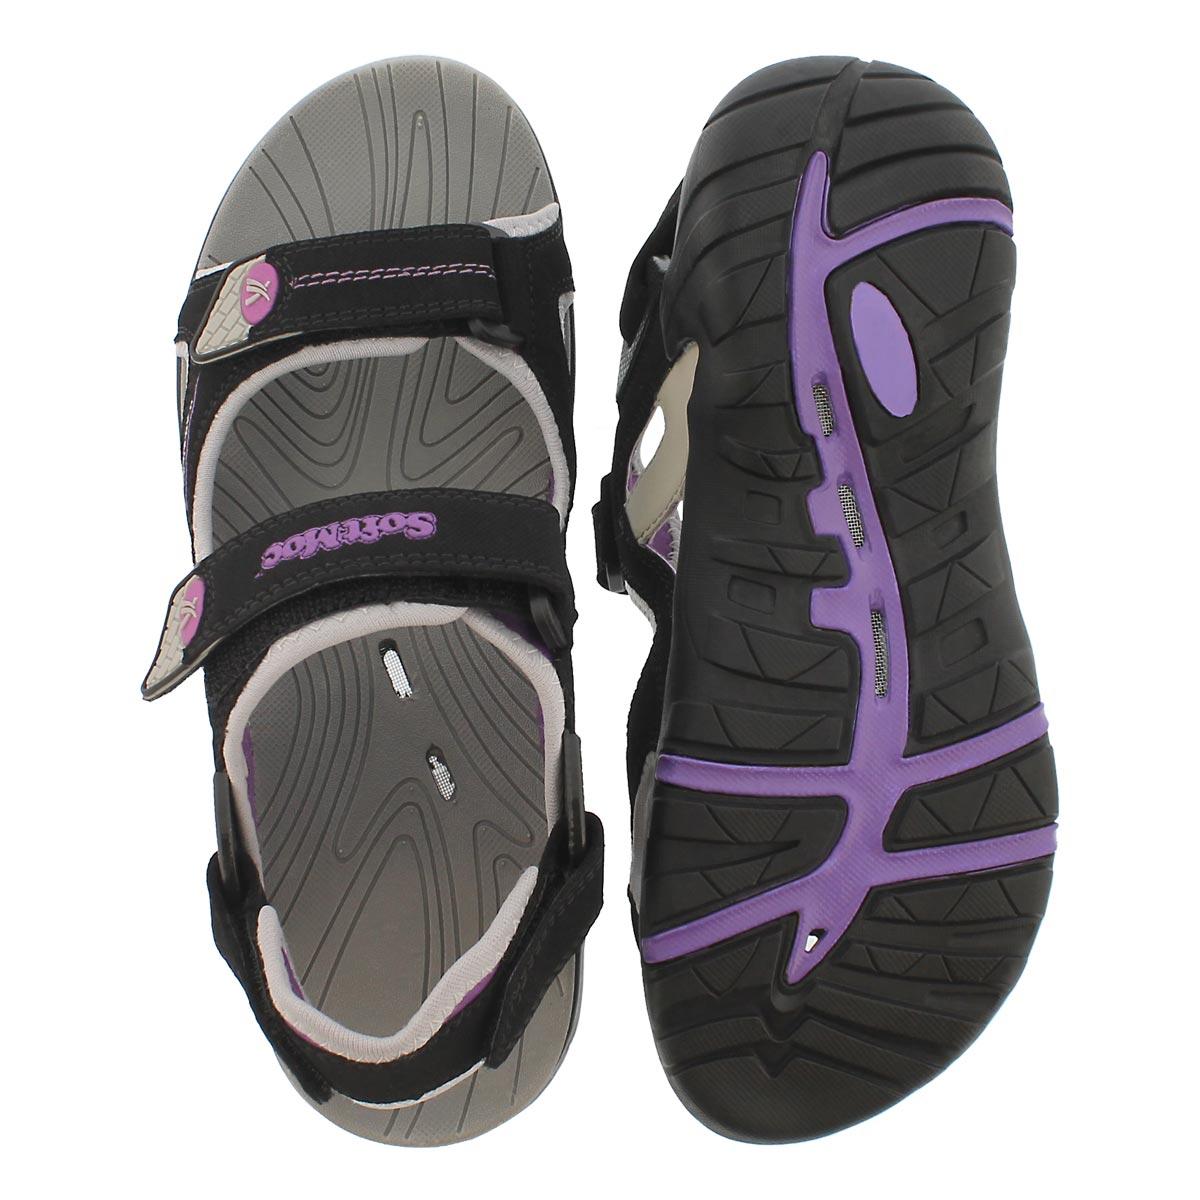 Lds Katelyn black 3 strap sport sandal